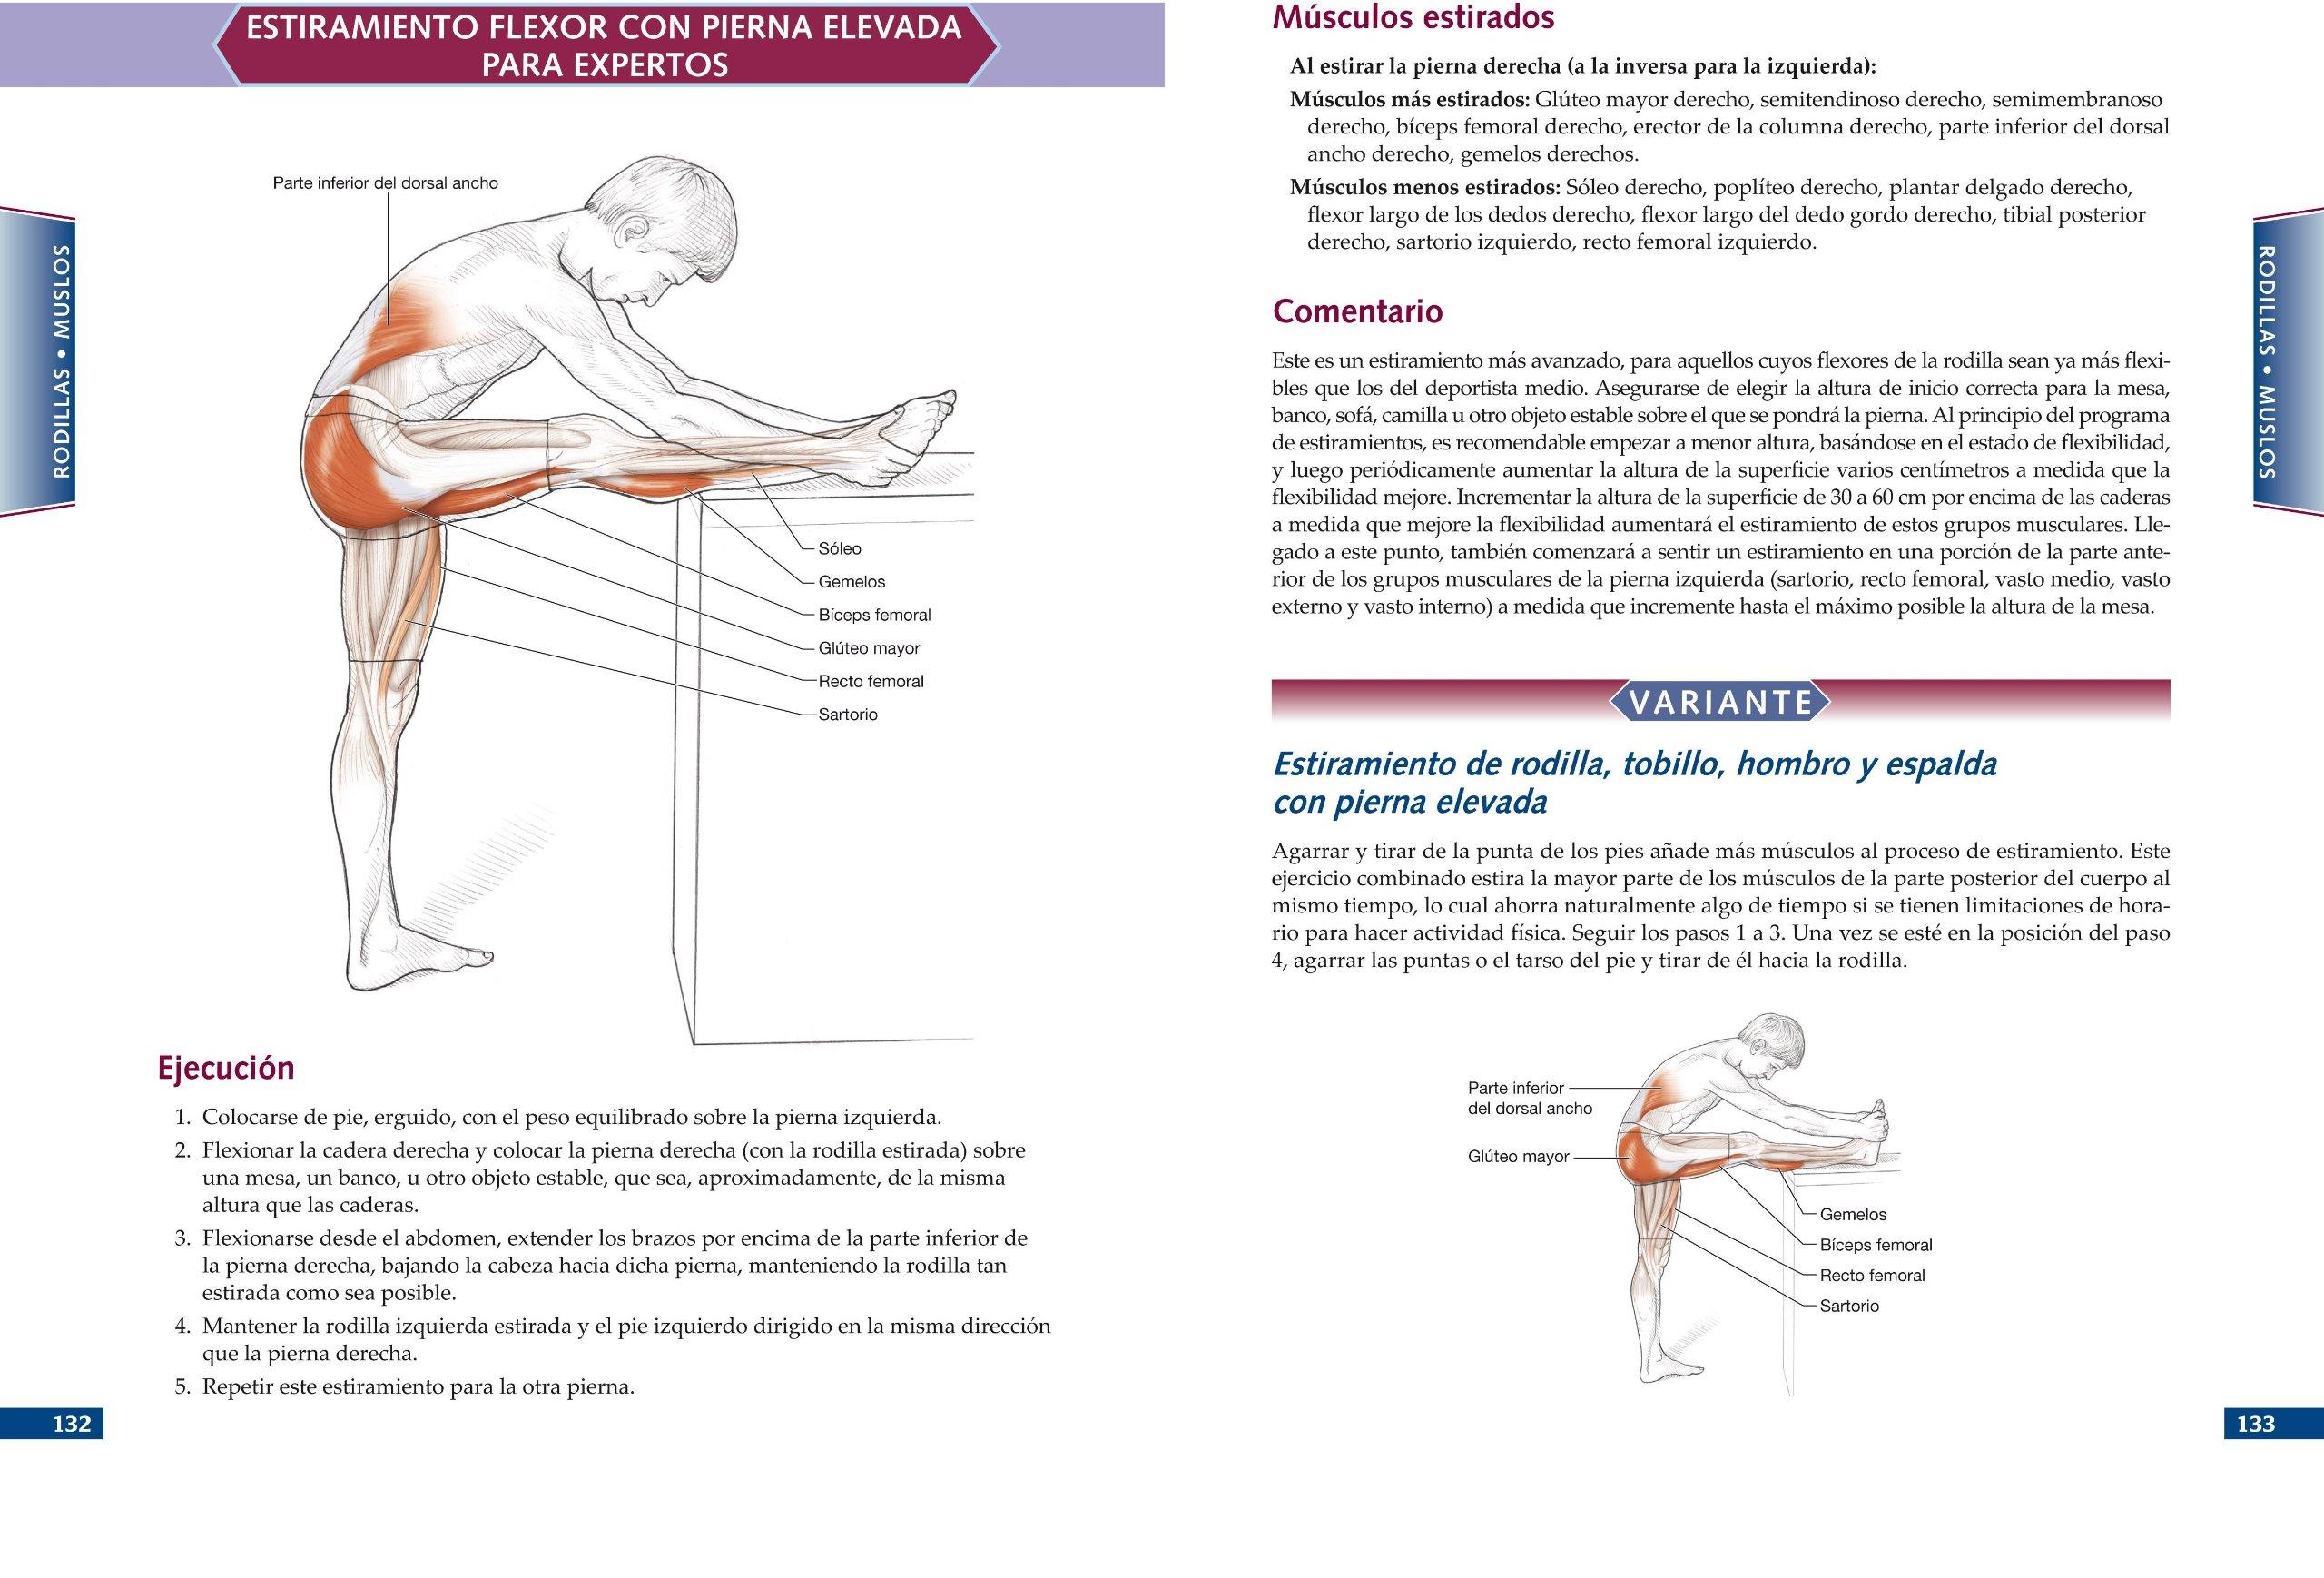 Moderno Byu Laboratorio De Anatomía Modelo - Anatomía de Las ...